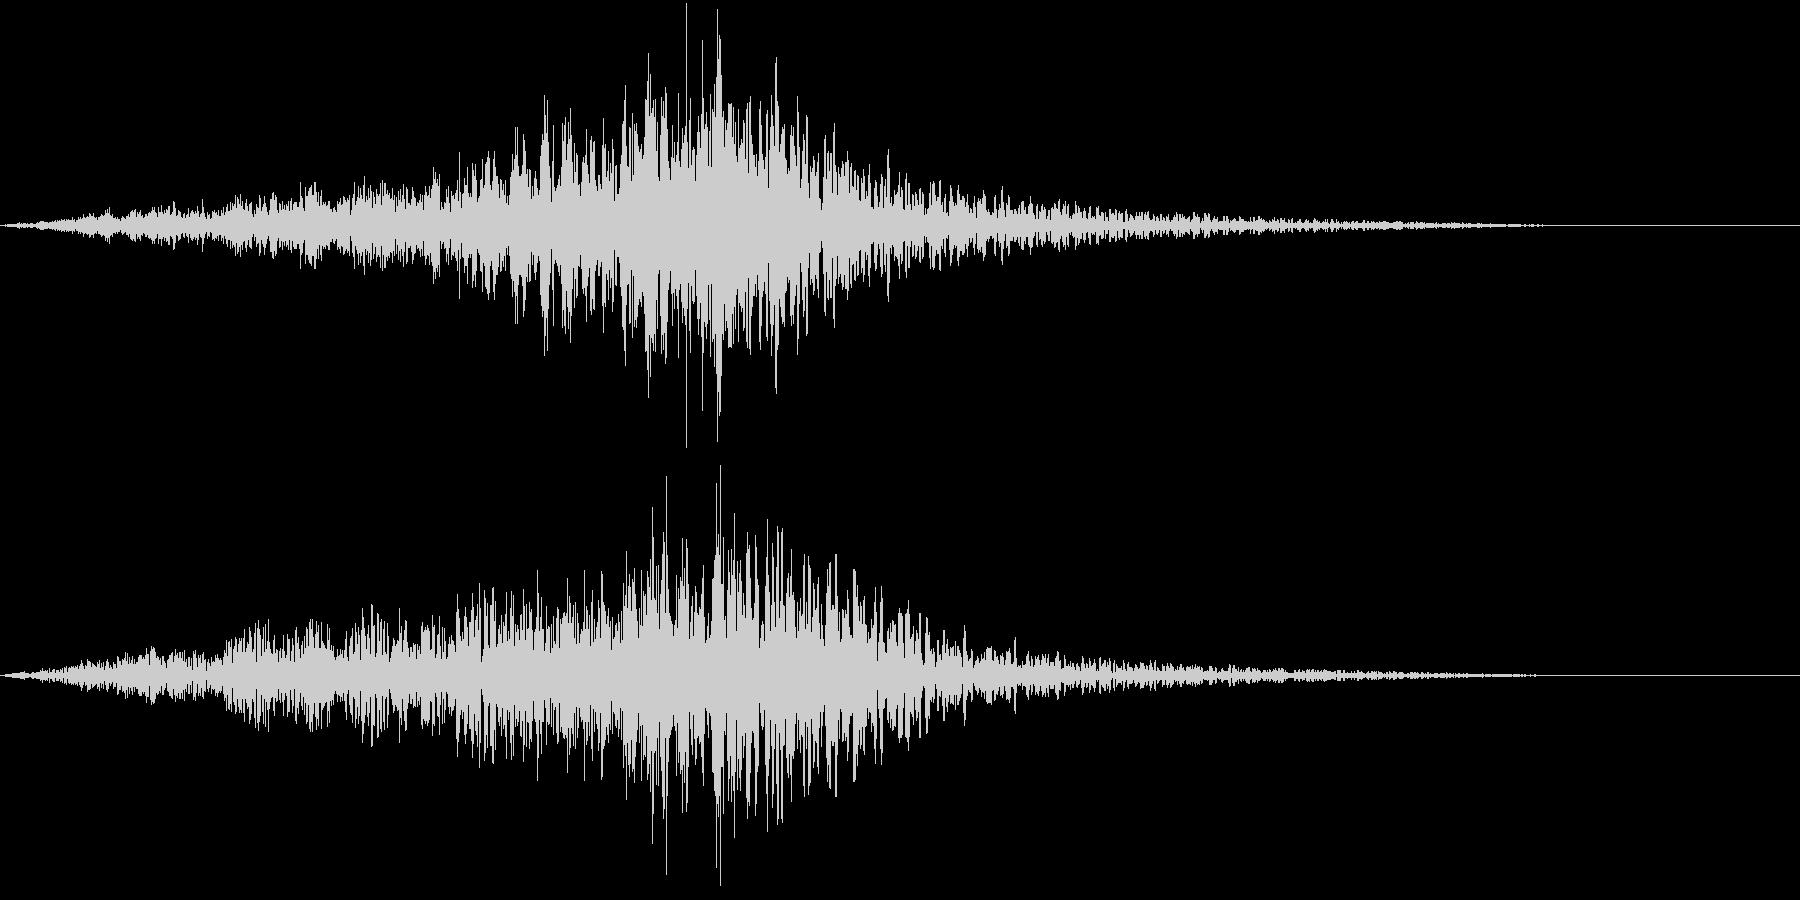 迫力ある上昇もしくは下降音の後玉砕する音の未再生の波形